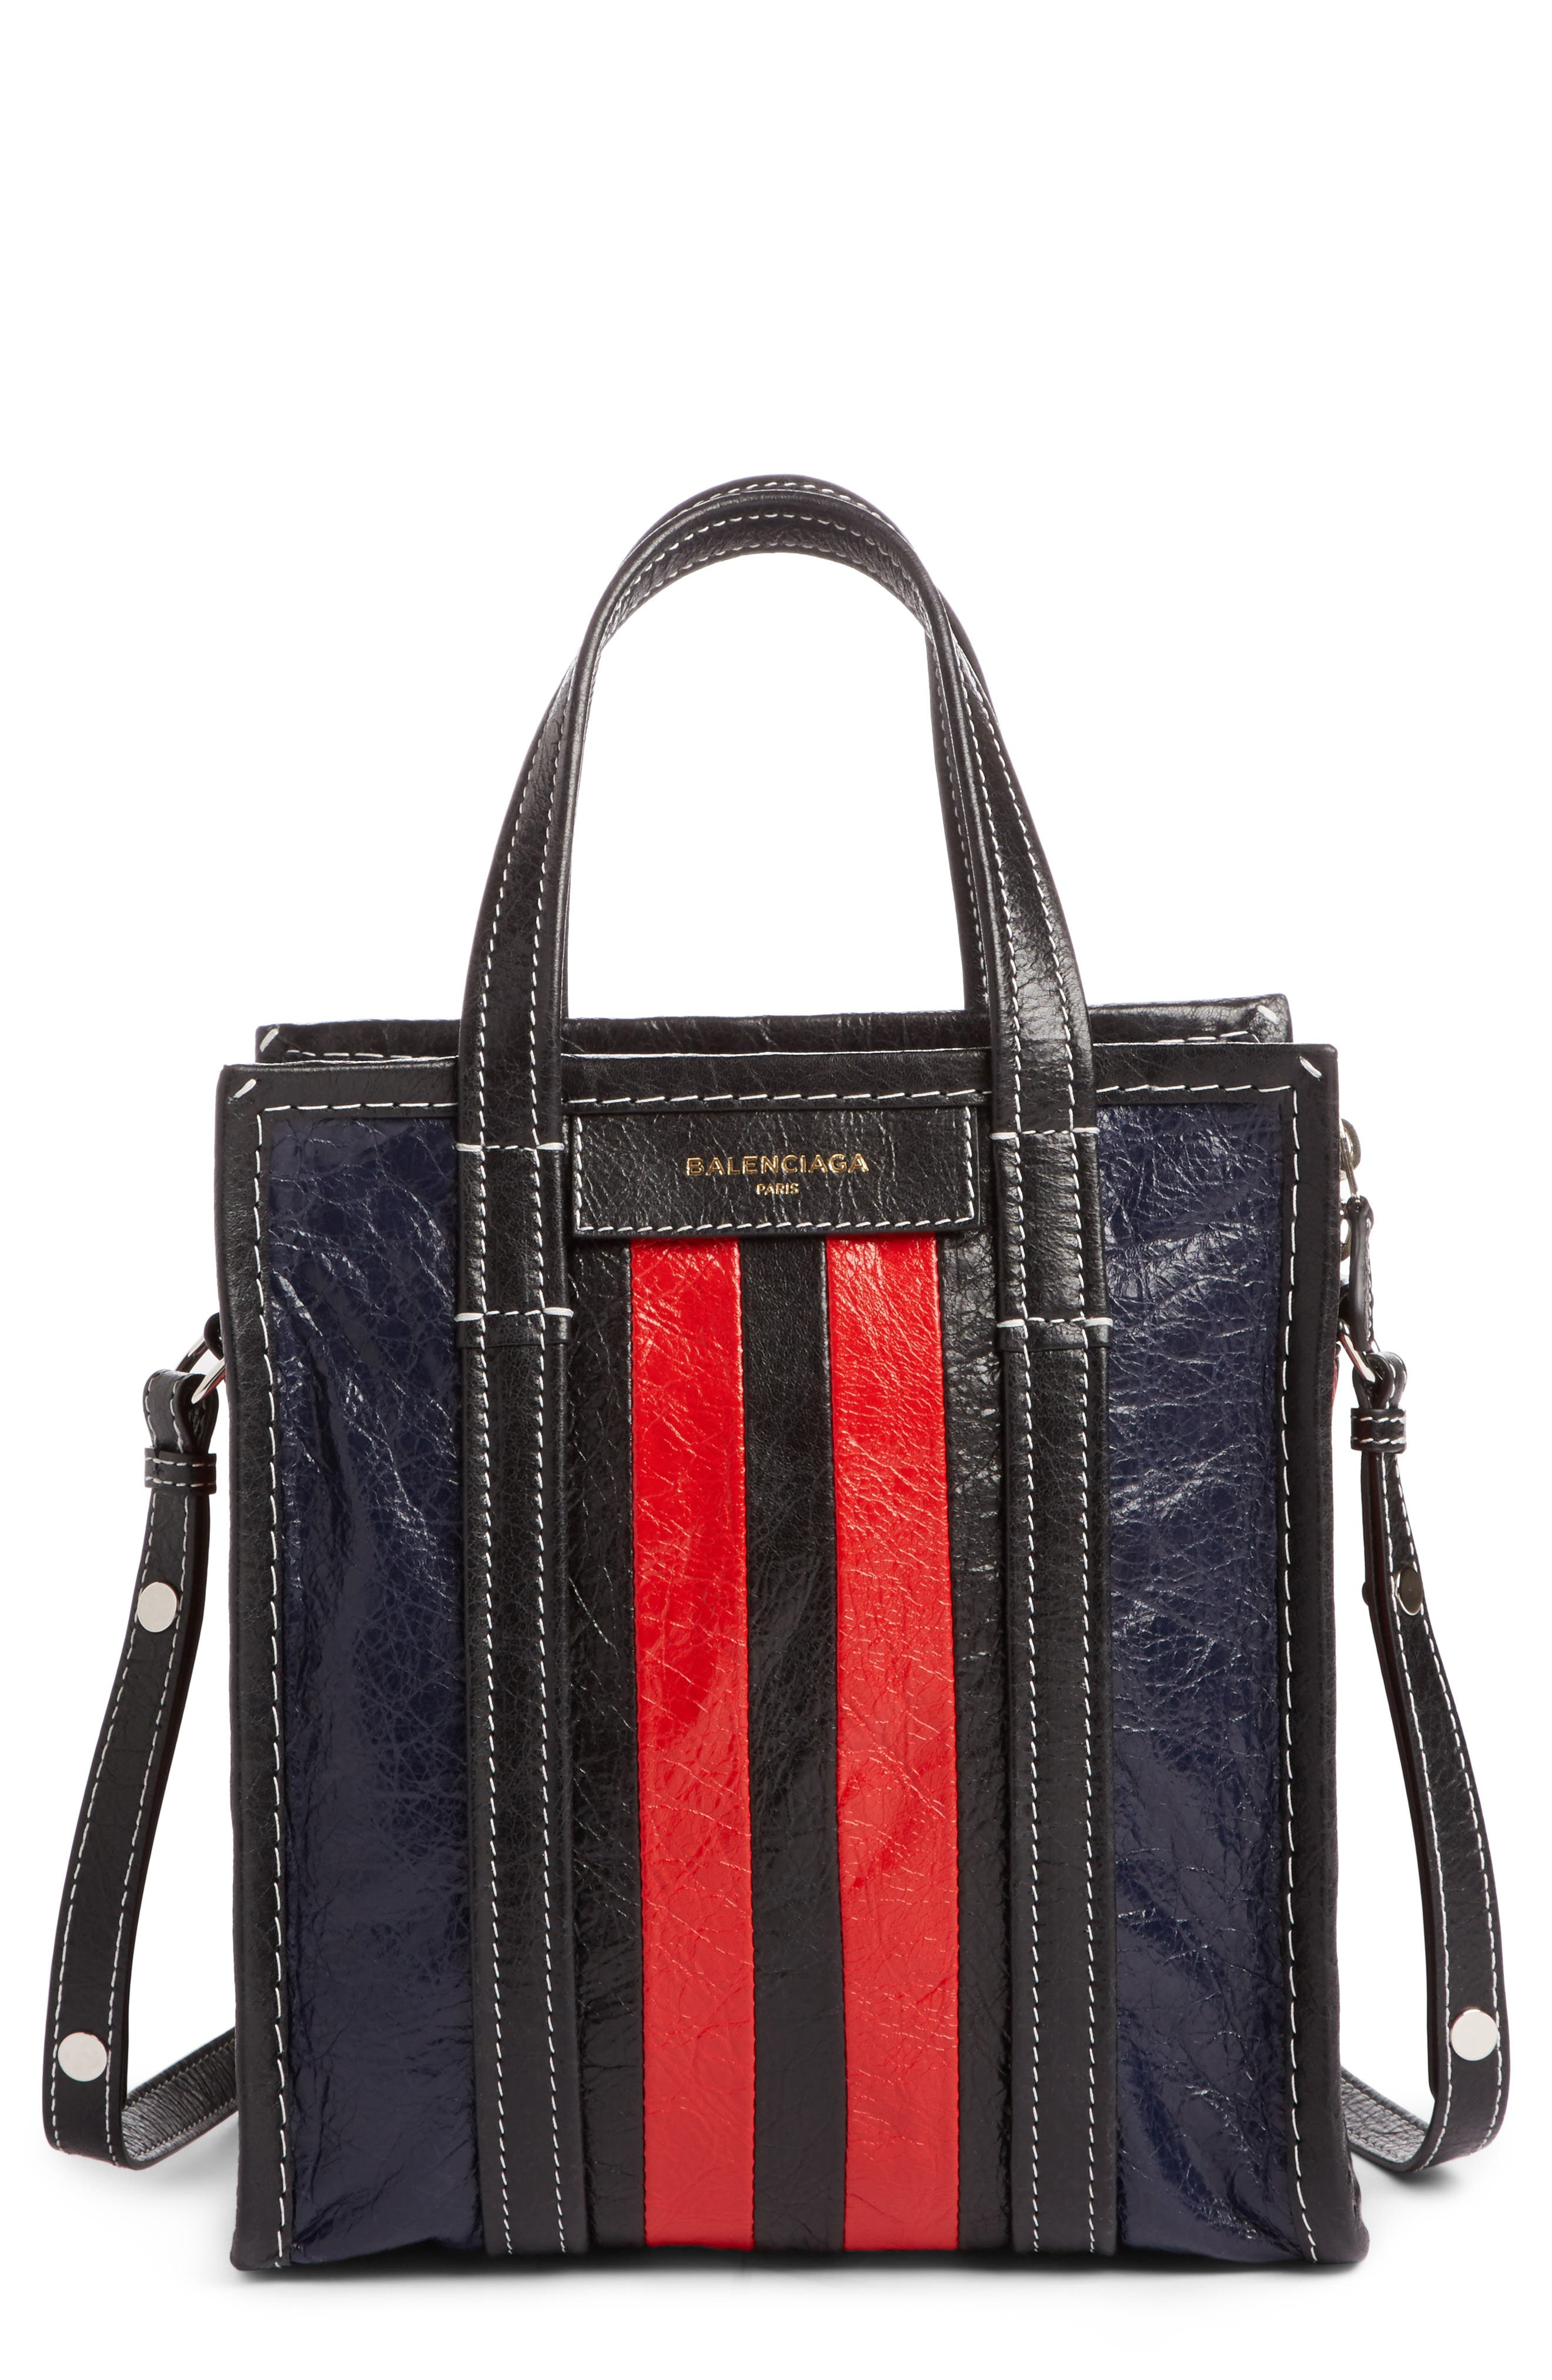 75915acf7ca1 Balenciaga Bags Shop Online